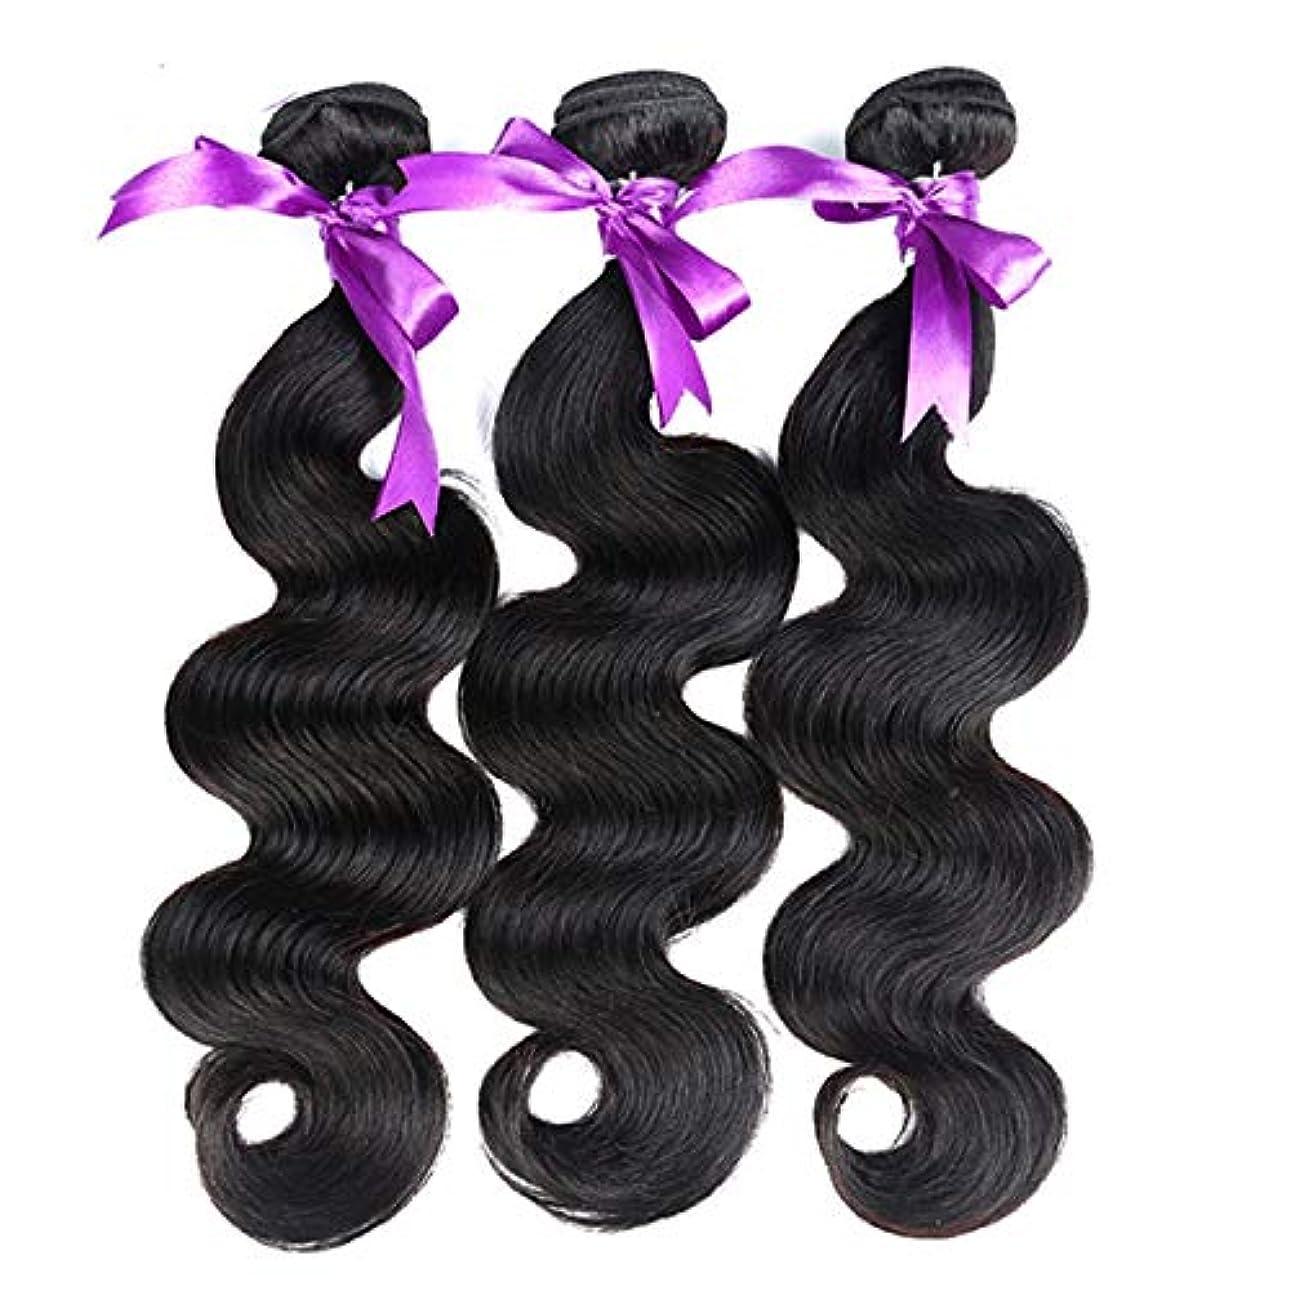 辞書スカーフムスタチオかつら 髪マレーシア実体波髪3個人間の髪の束非レミーの毛延長8-28インチの体毛かつら (Length : 12 14 16)